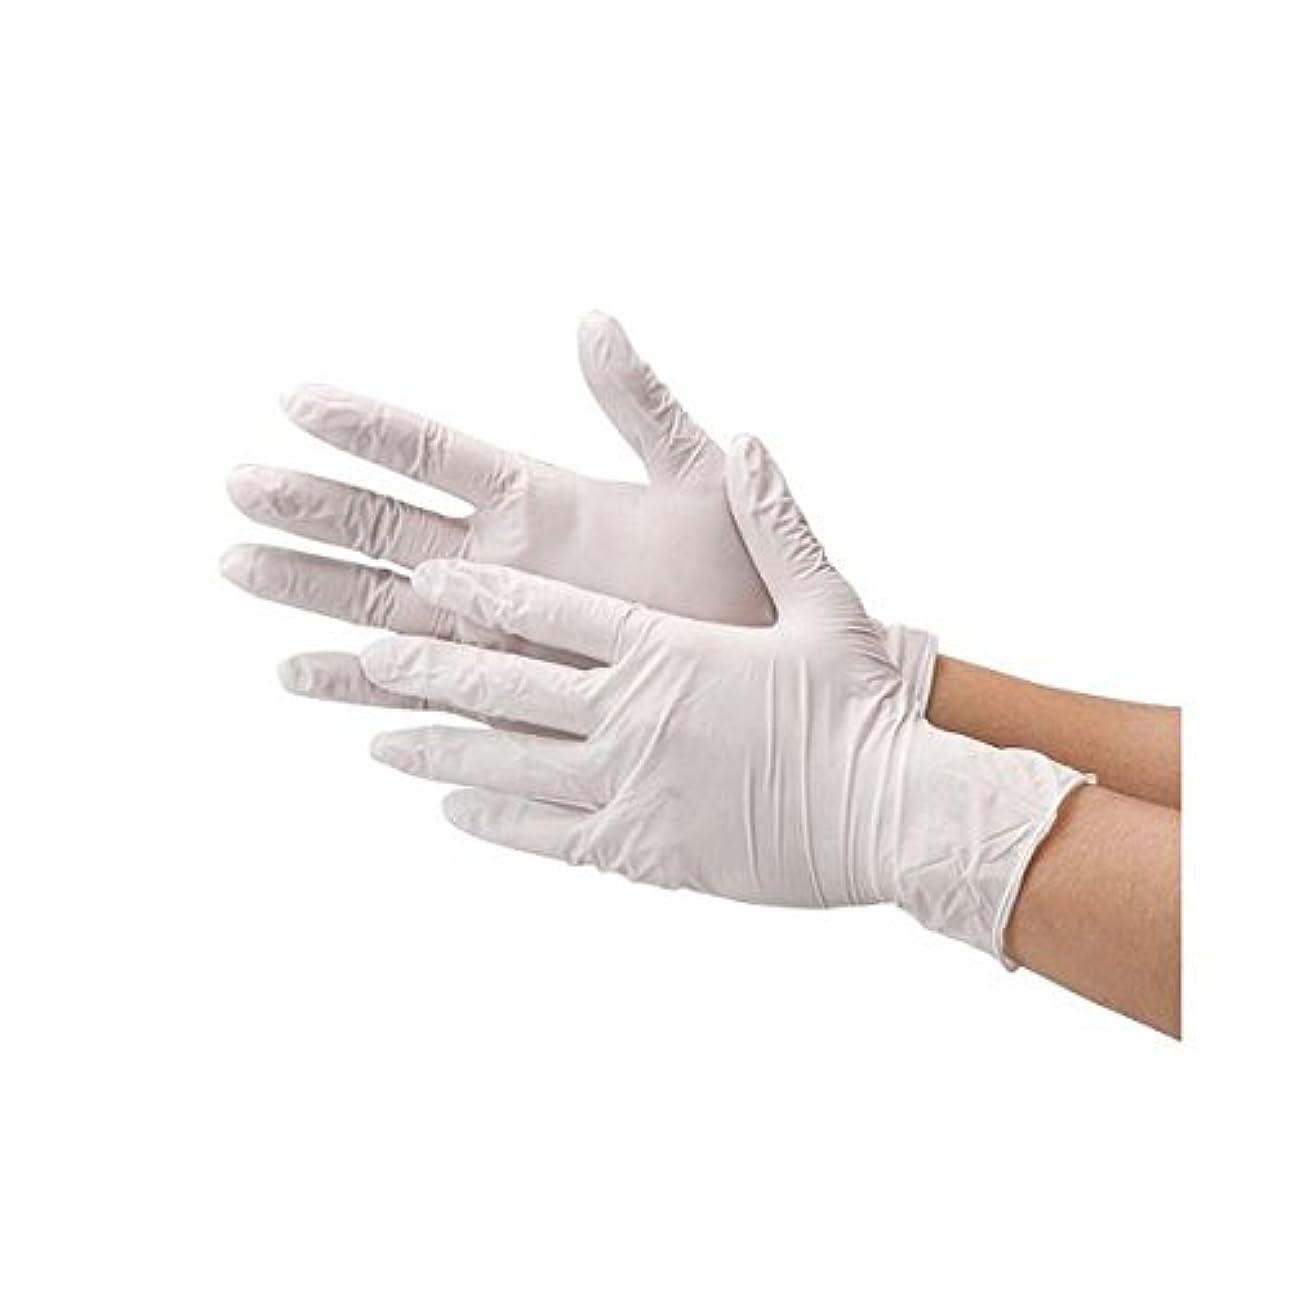 バルク短命驚くべき(業務用20セット) 川西工業 ニトリル極薄手袋 粉なし WM #2039 Mサイズ ホワイト ダイエット 健康 衛生用品 その他の衛生用品 14067381 [並行輸入品]